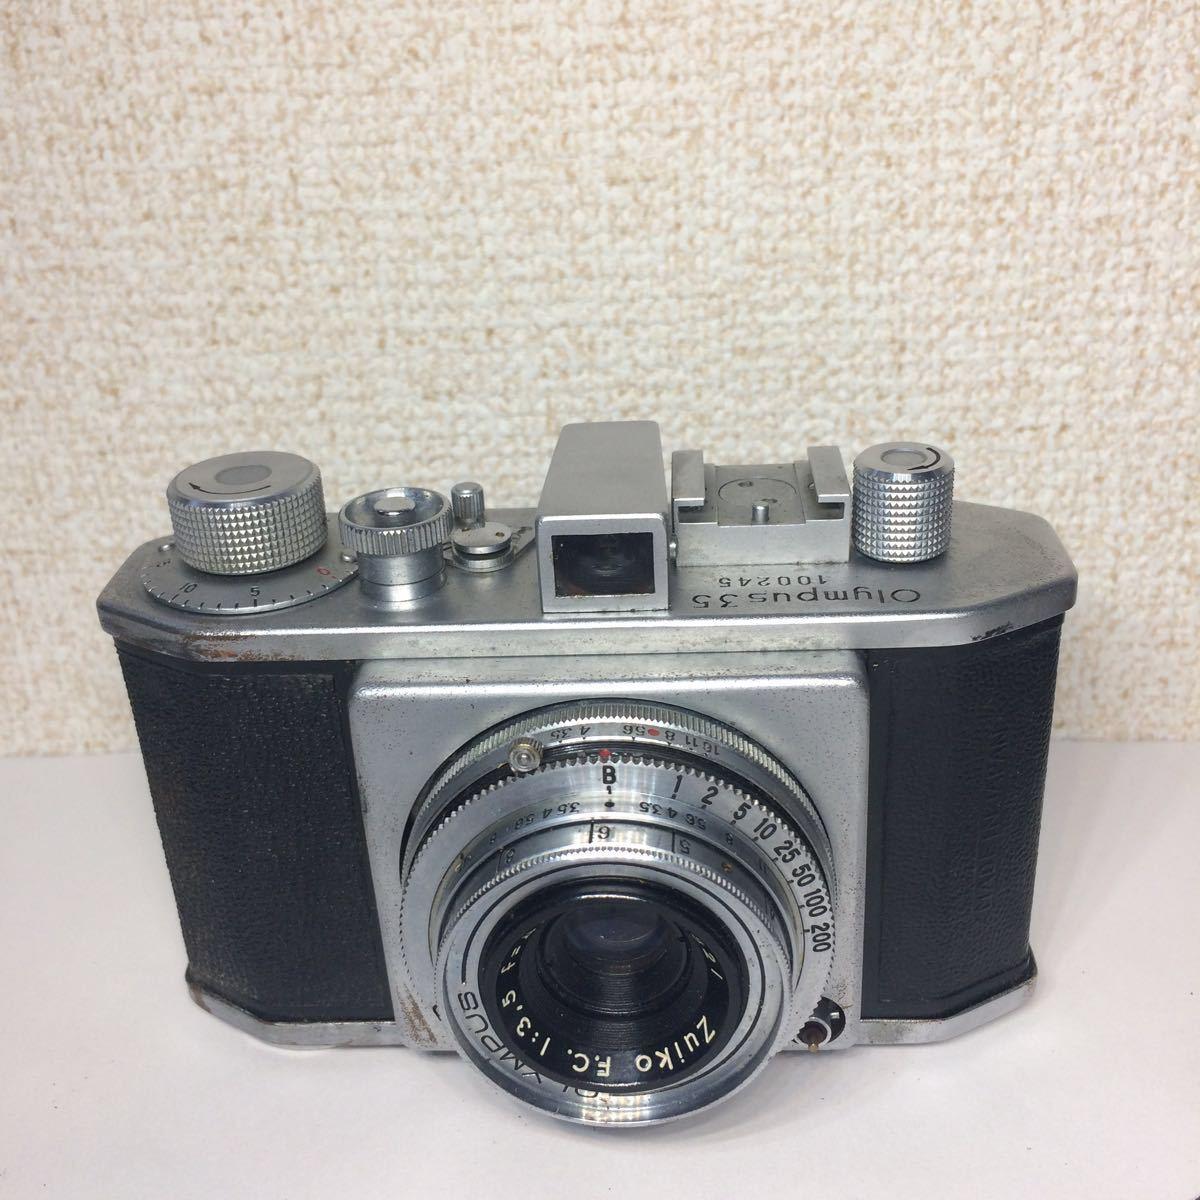 オリンパス OLYMPUS 35 コパル COPAL レンズ Zuiko F.C. 1:3.5 f=4cm ケース付 860681 mn0408_画像2